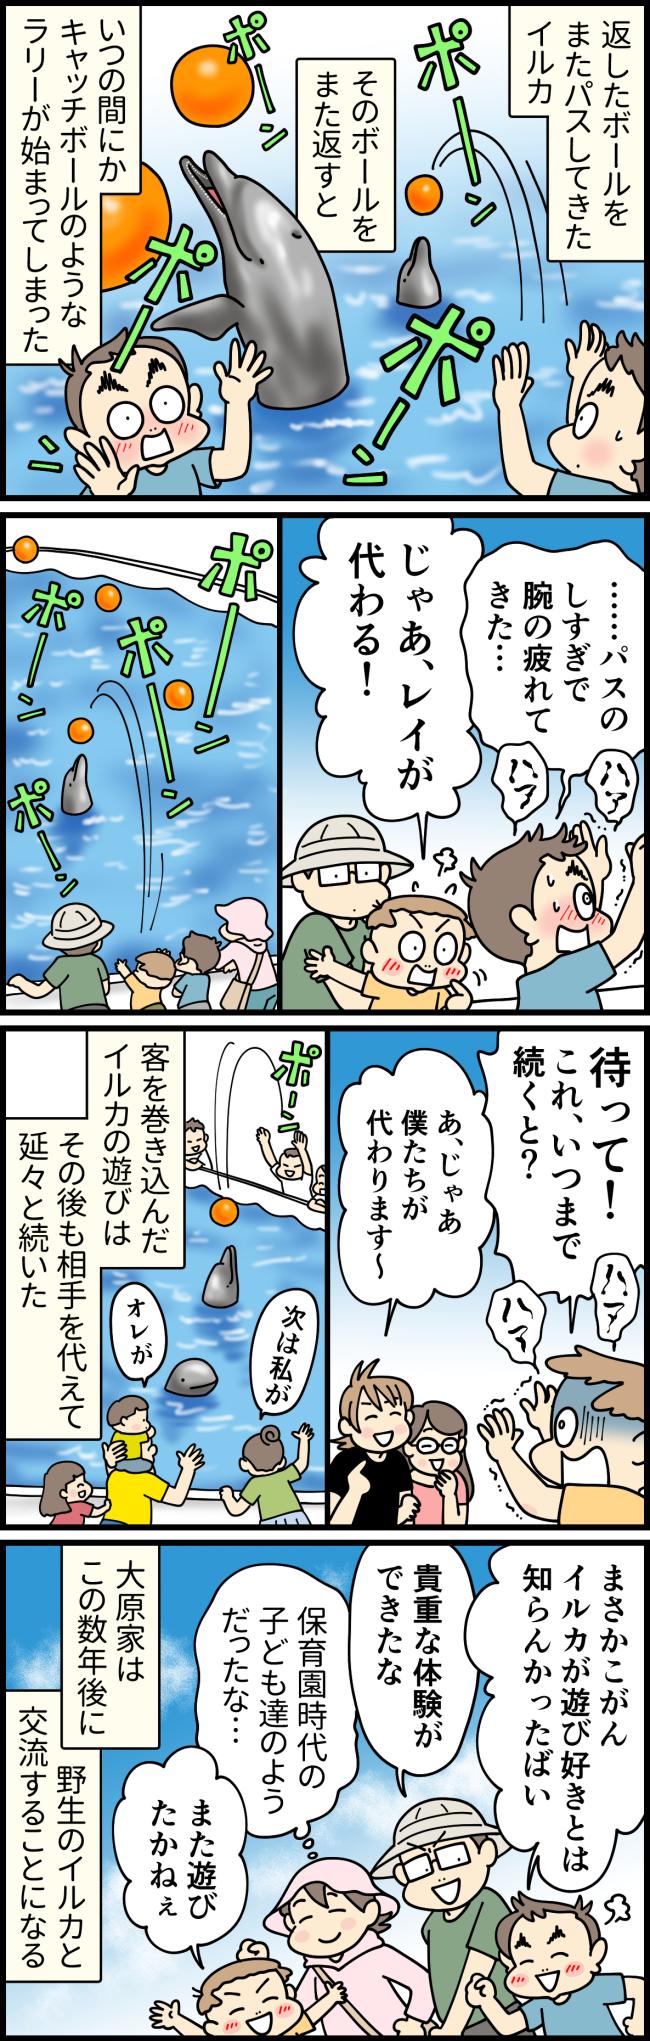 長崎県佐世保市の九十九島水族館海きららで、イルカとキャッチボールを楽しむ大原由軌子の子供たちと他の客たち